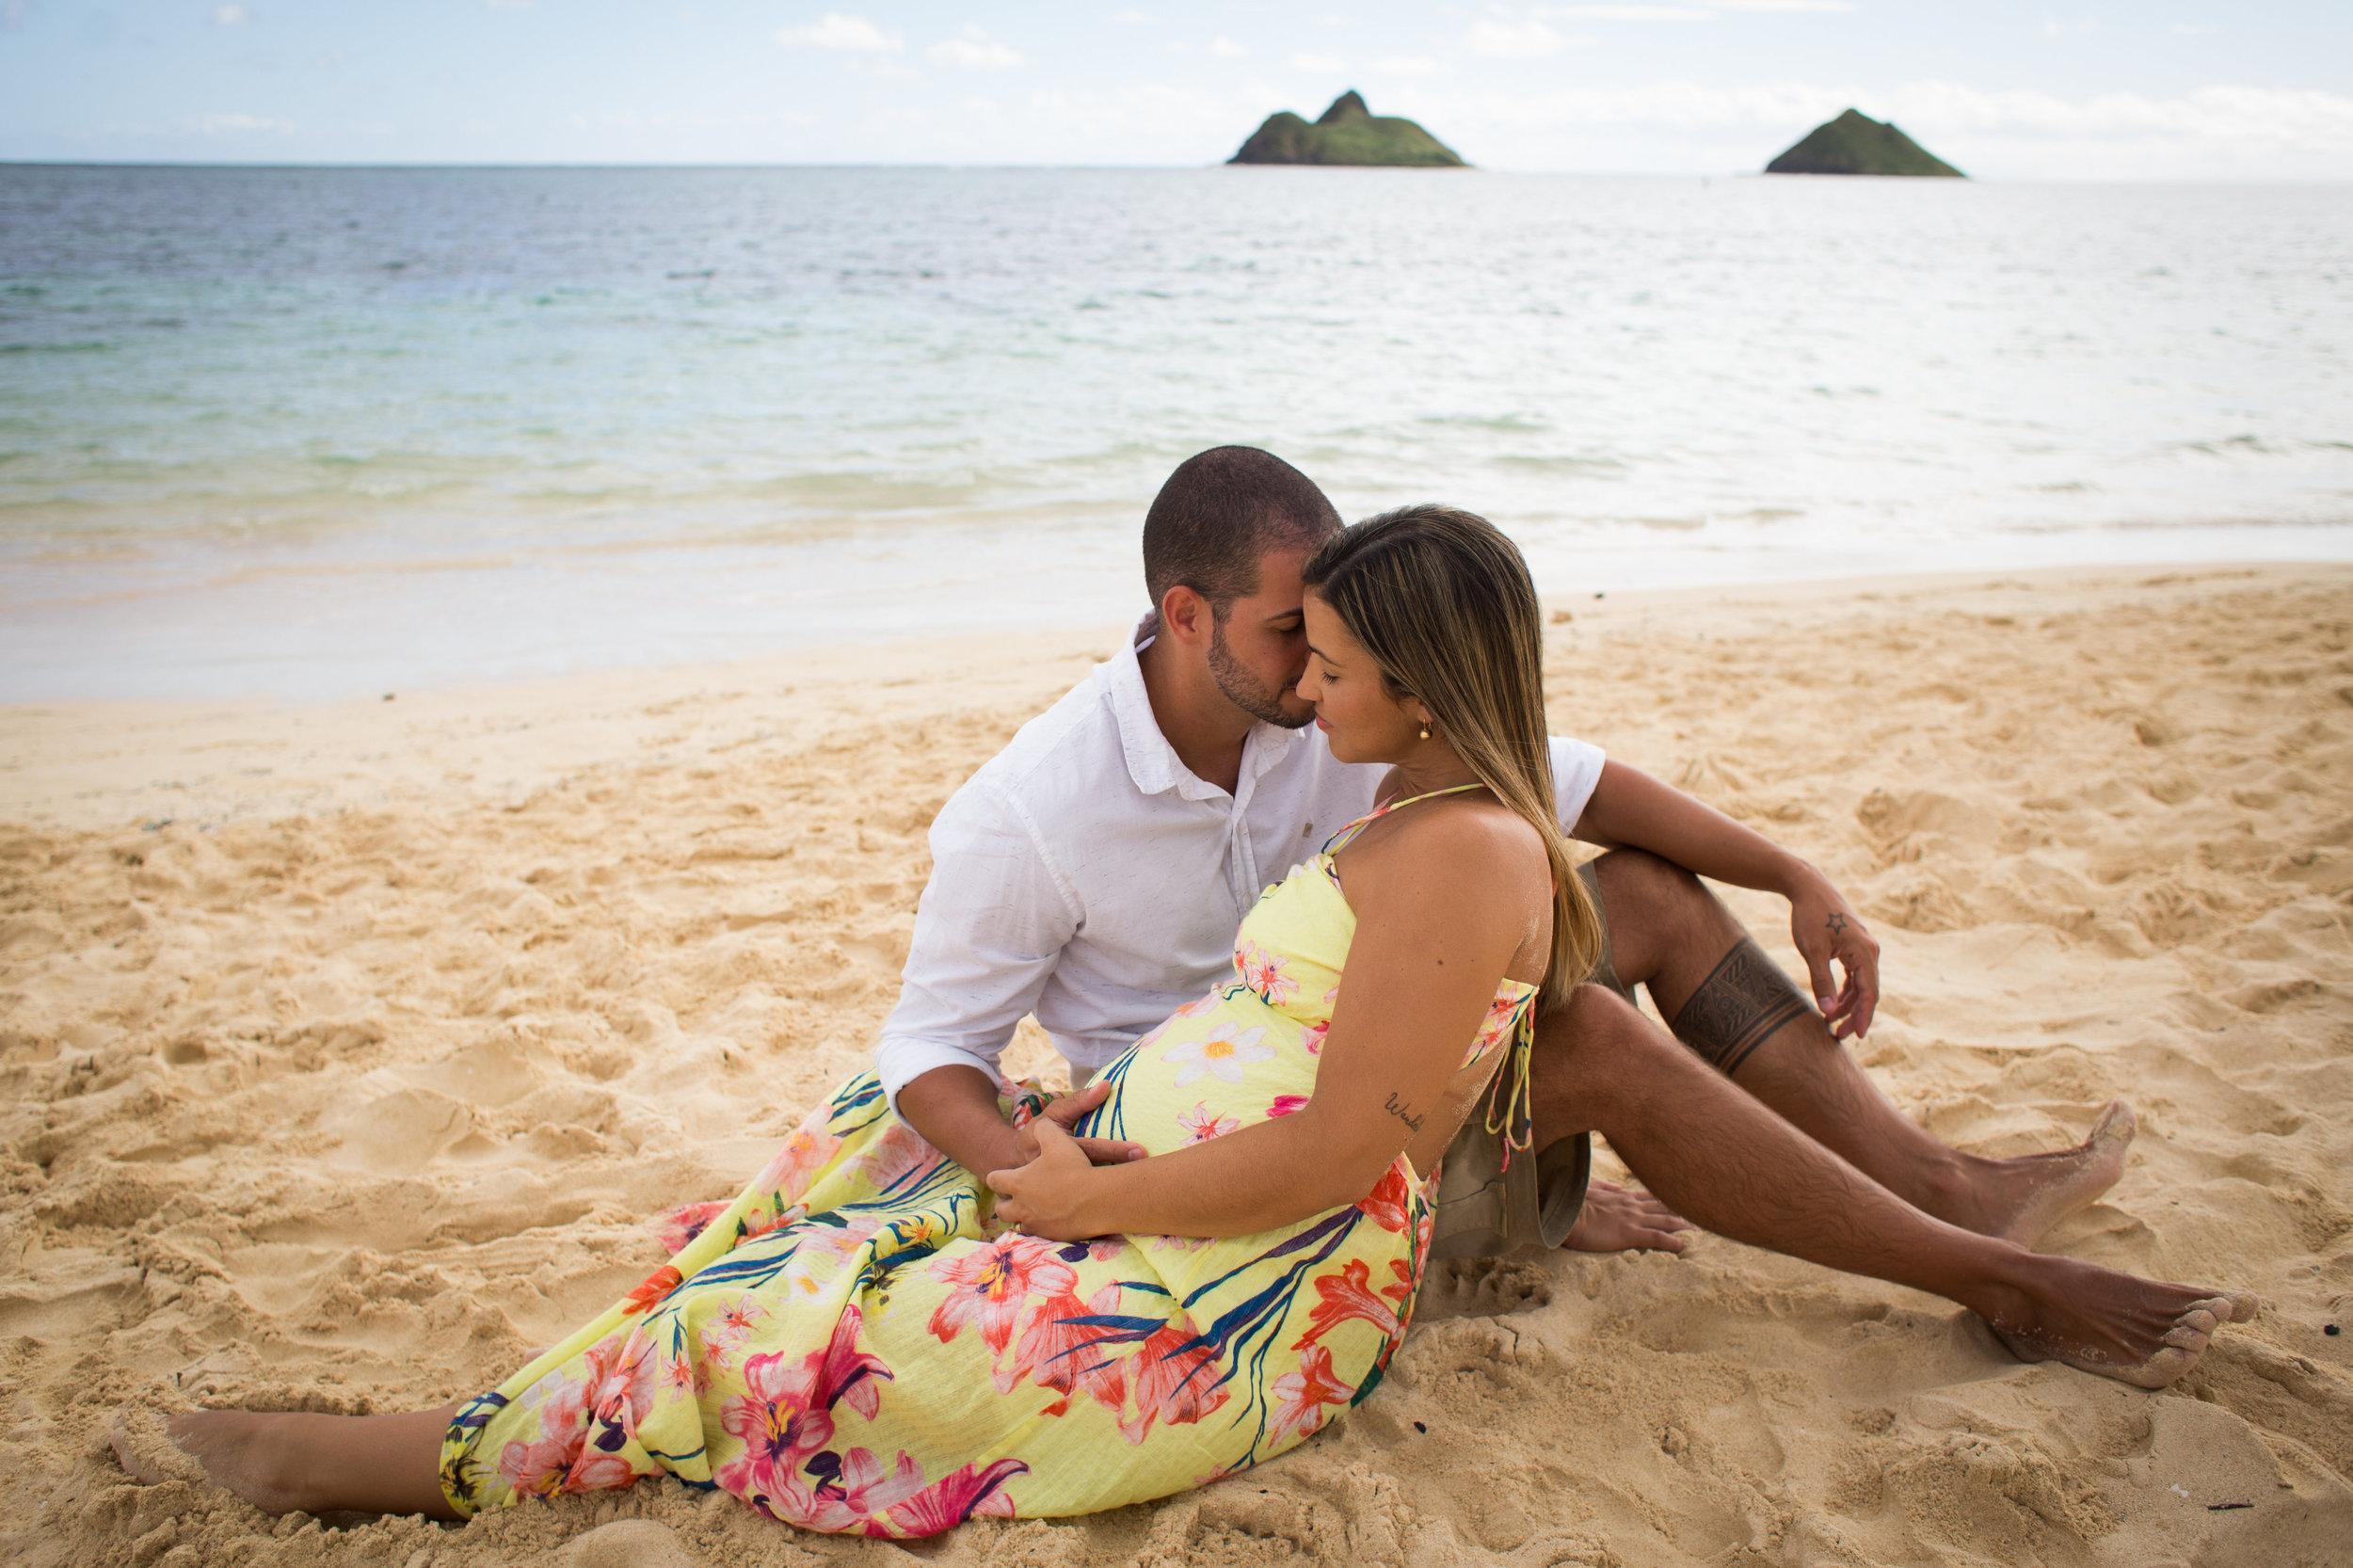 ensaio fotografico no havai ensaio em honolulu6.jpg